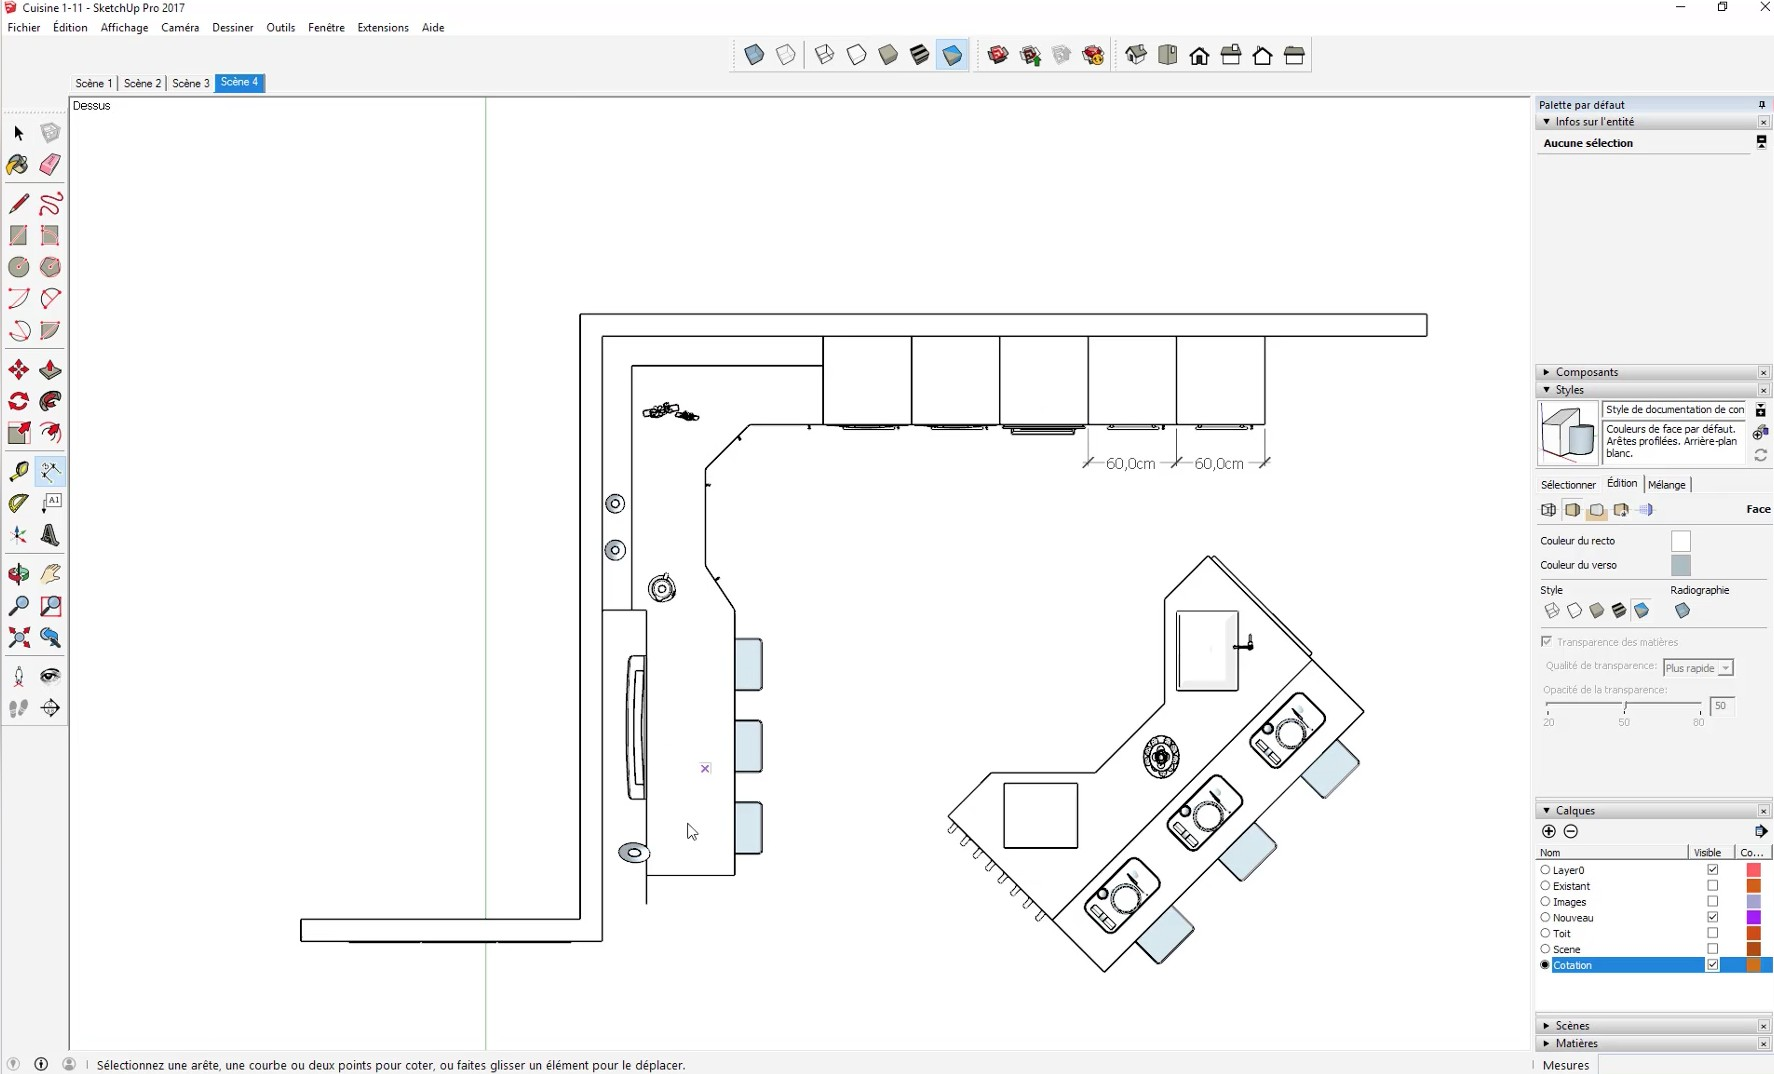 Dessiner un plan de cuisine best dessiner un plan de for Dessiner un plan